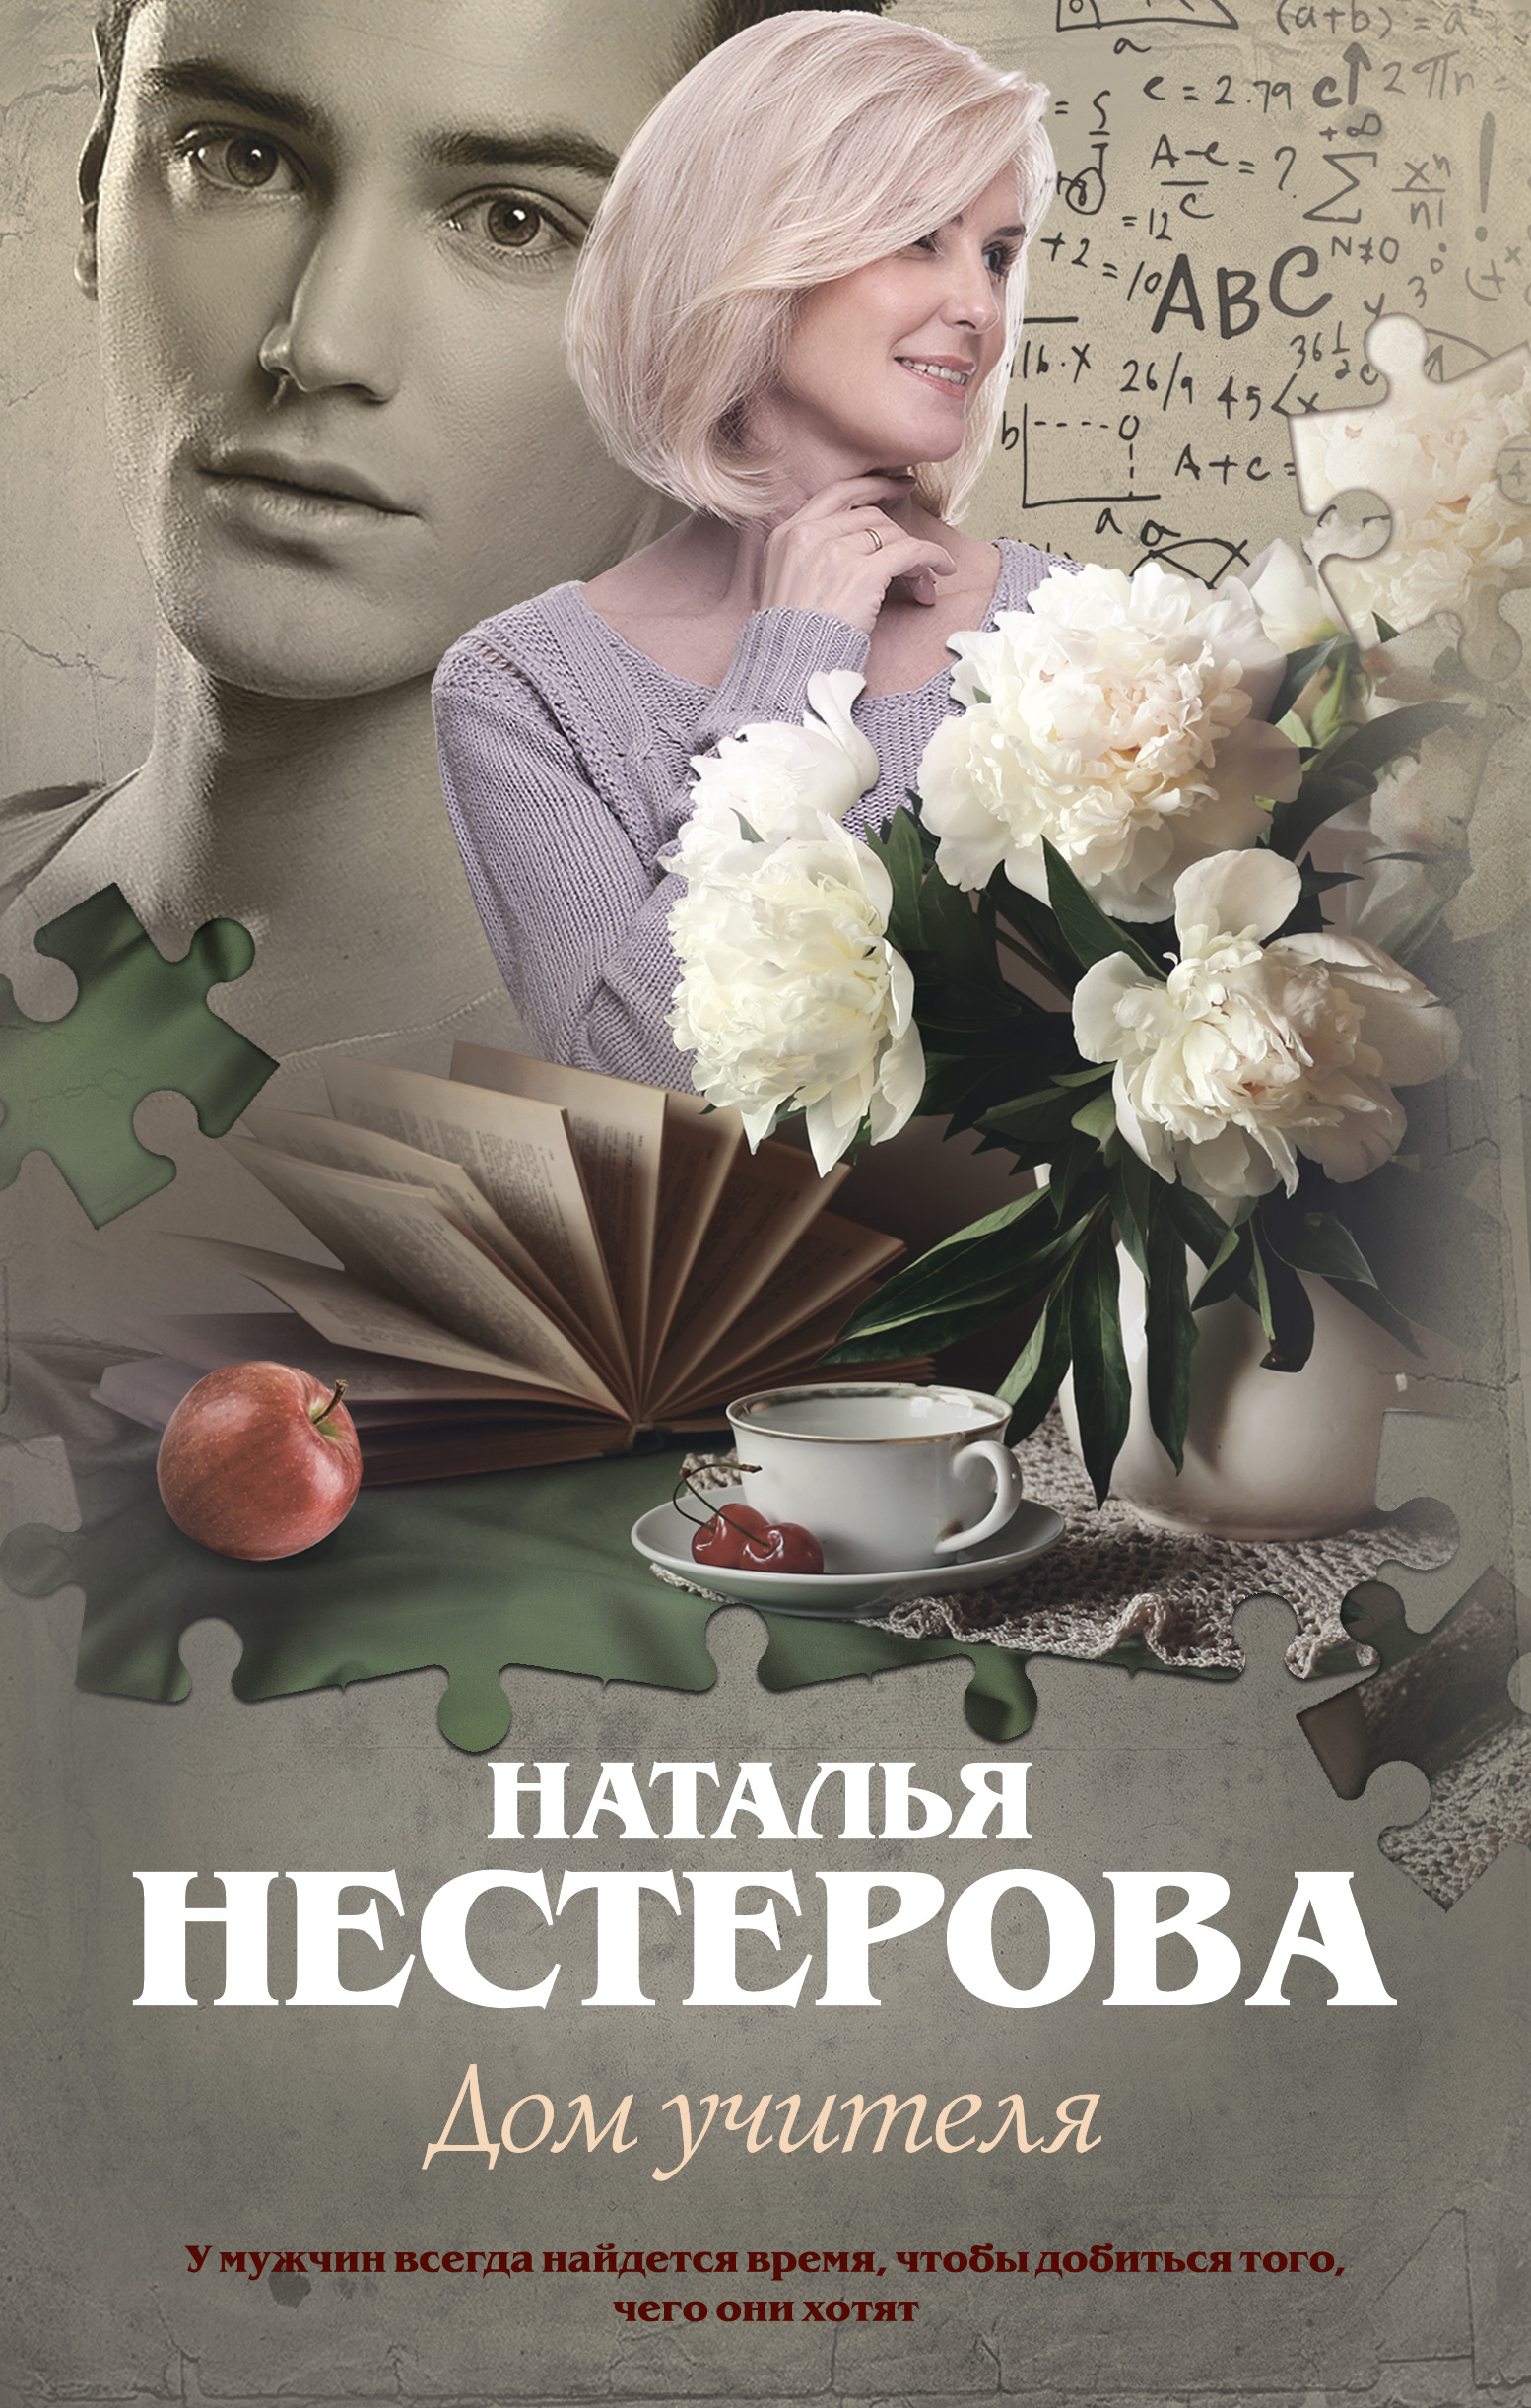 Наталья Нестерова, Дом учителя – скачать fb2, epub, pdf на ЛитРес